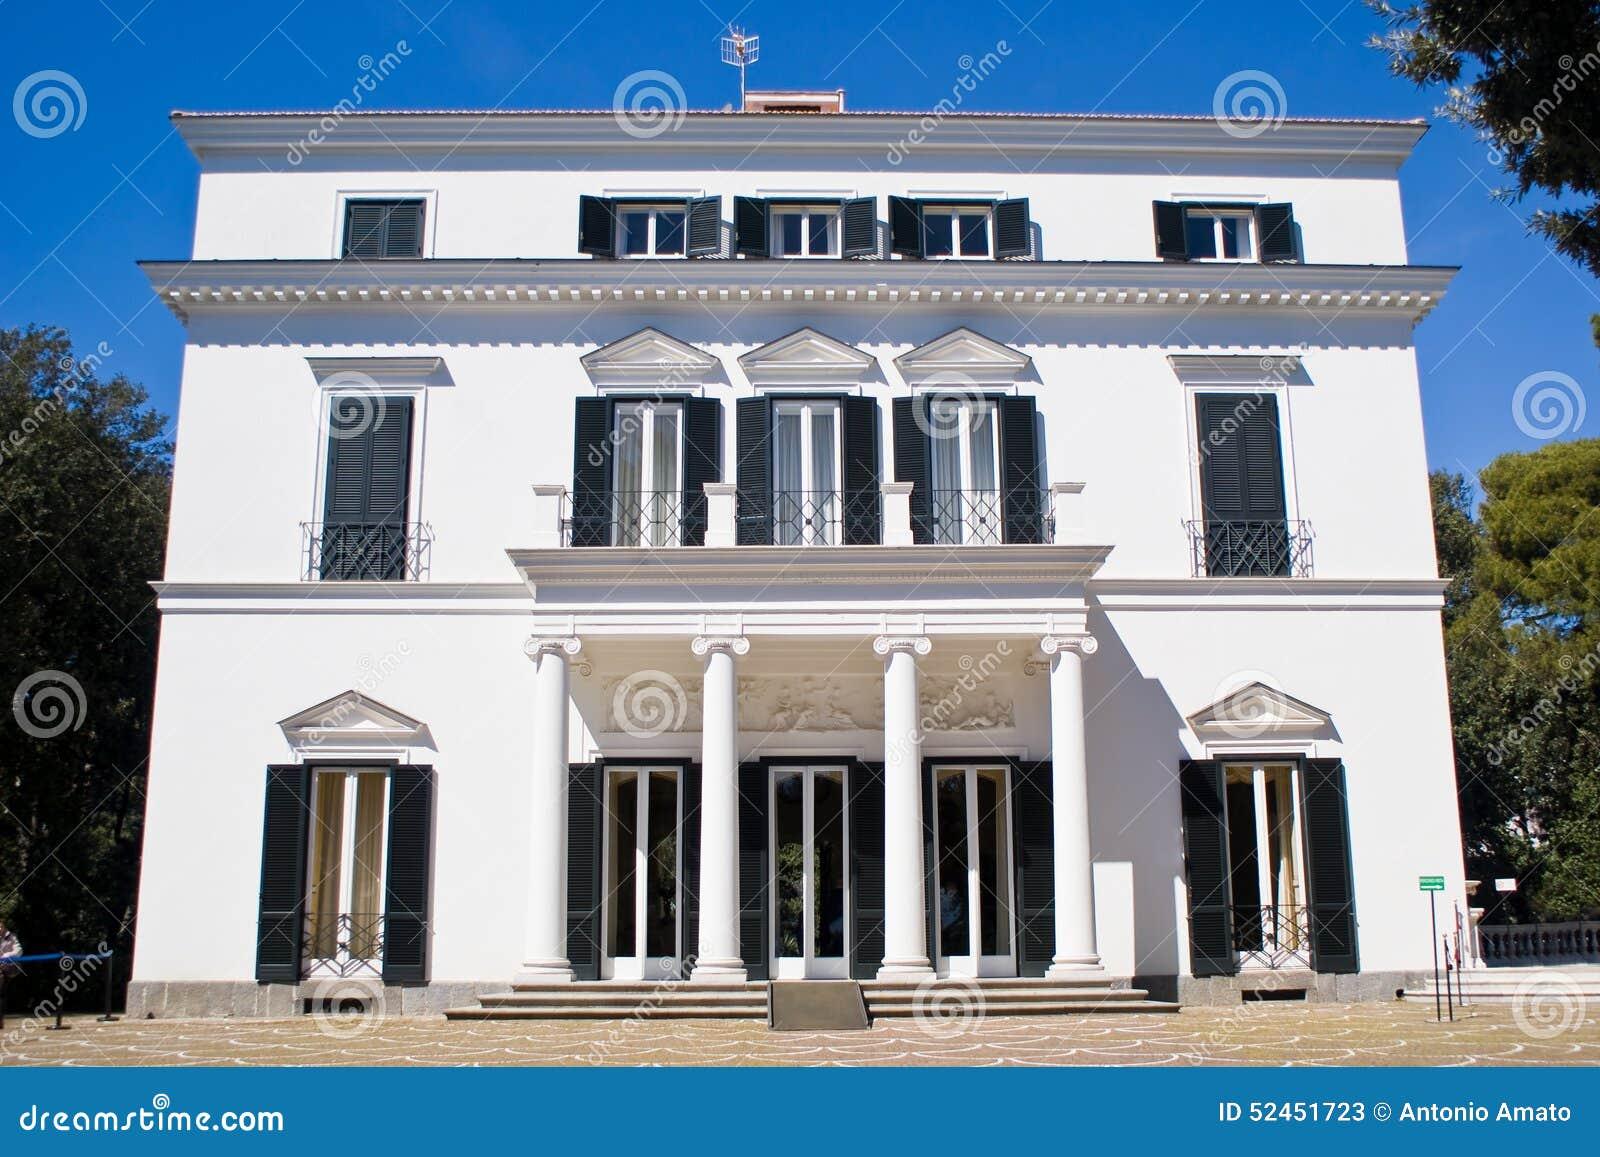 Facade of a neoclassical villa stock image image 52451723 for Les meilleurs facades des villas